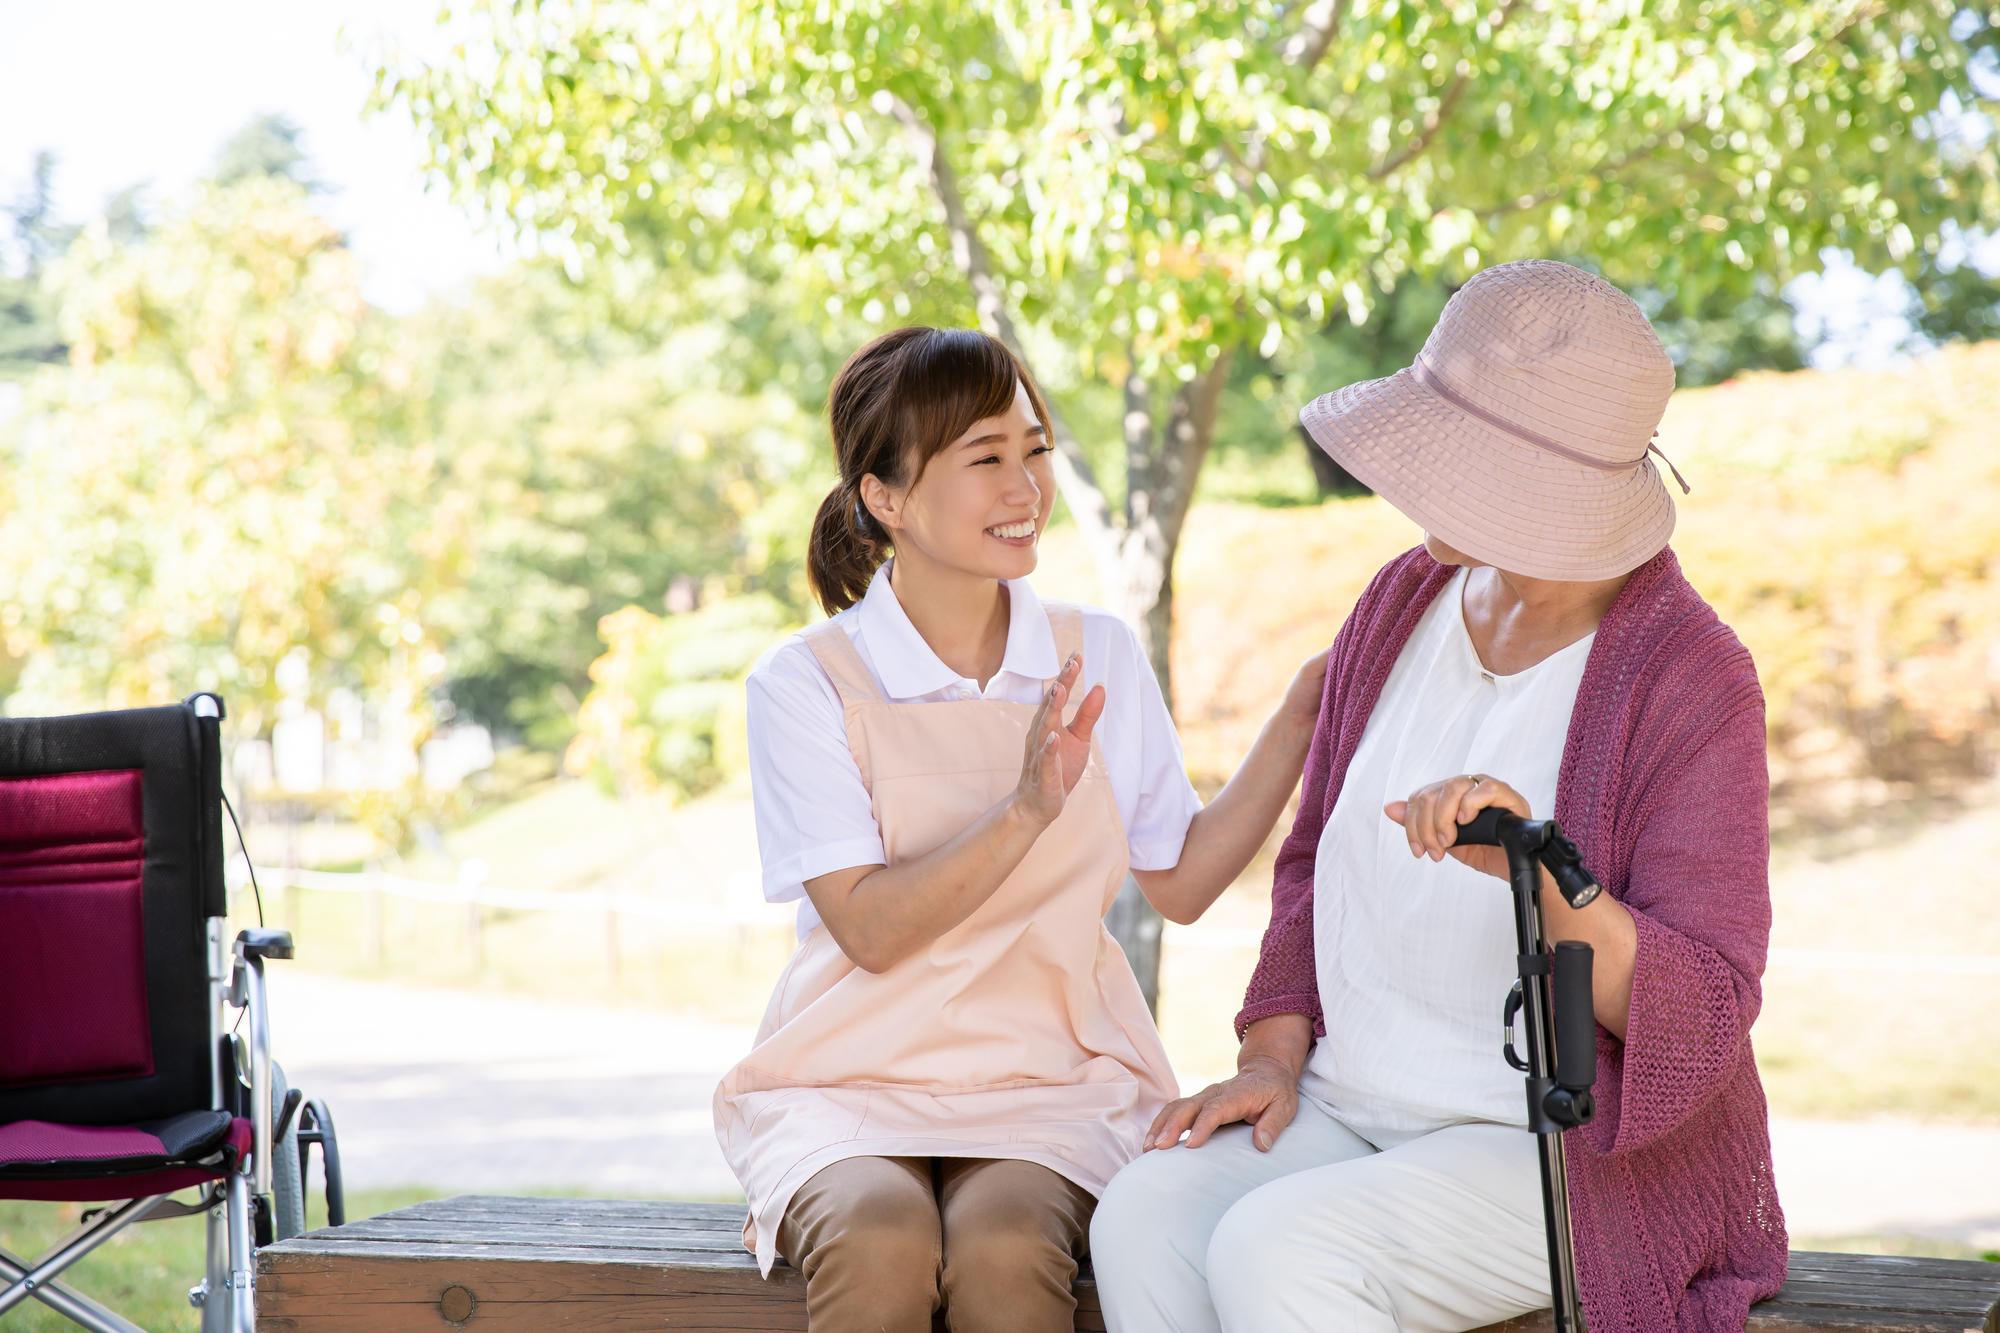 「パーソンセンタードケア」を実践するための5つの要素|認知症のコラム